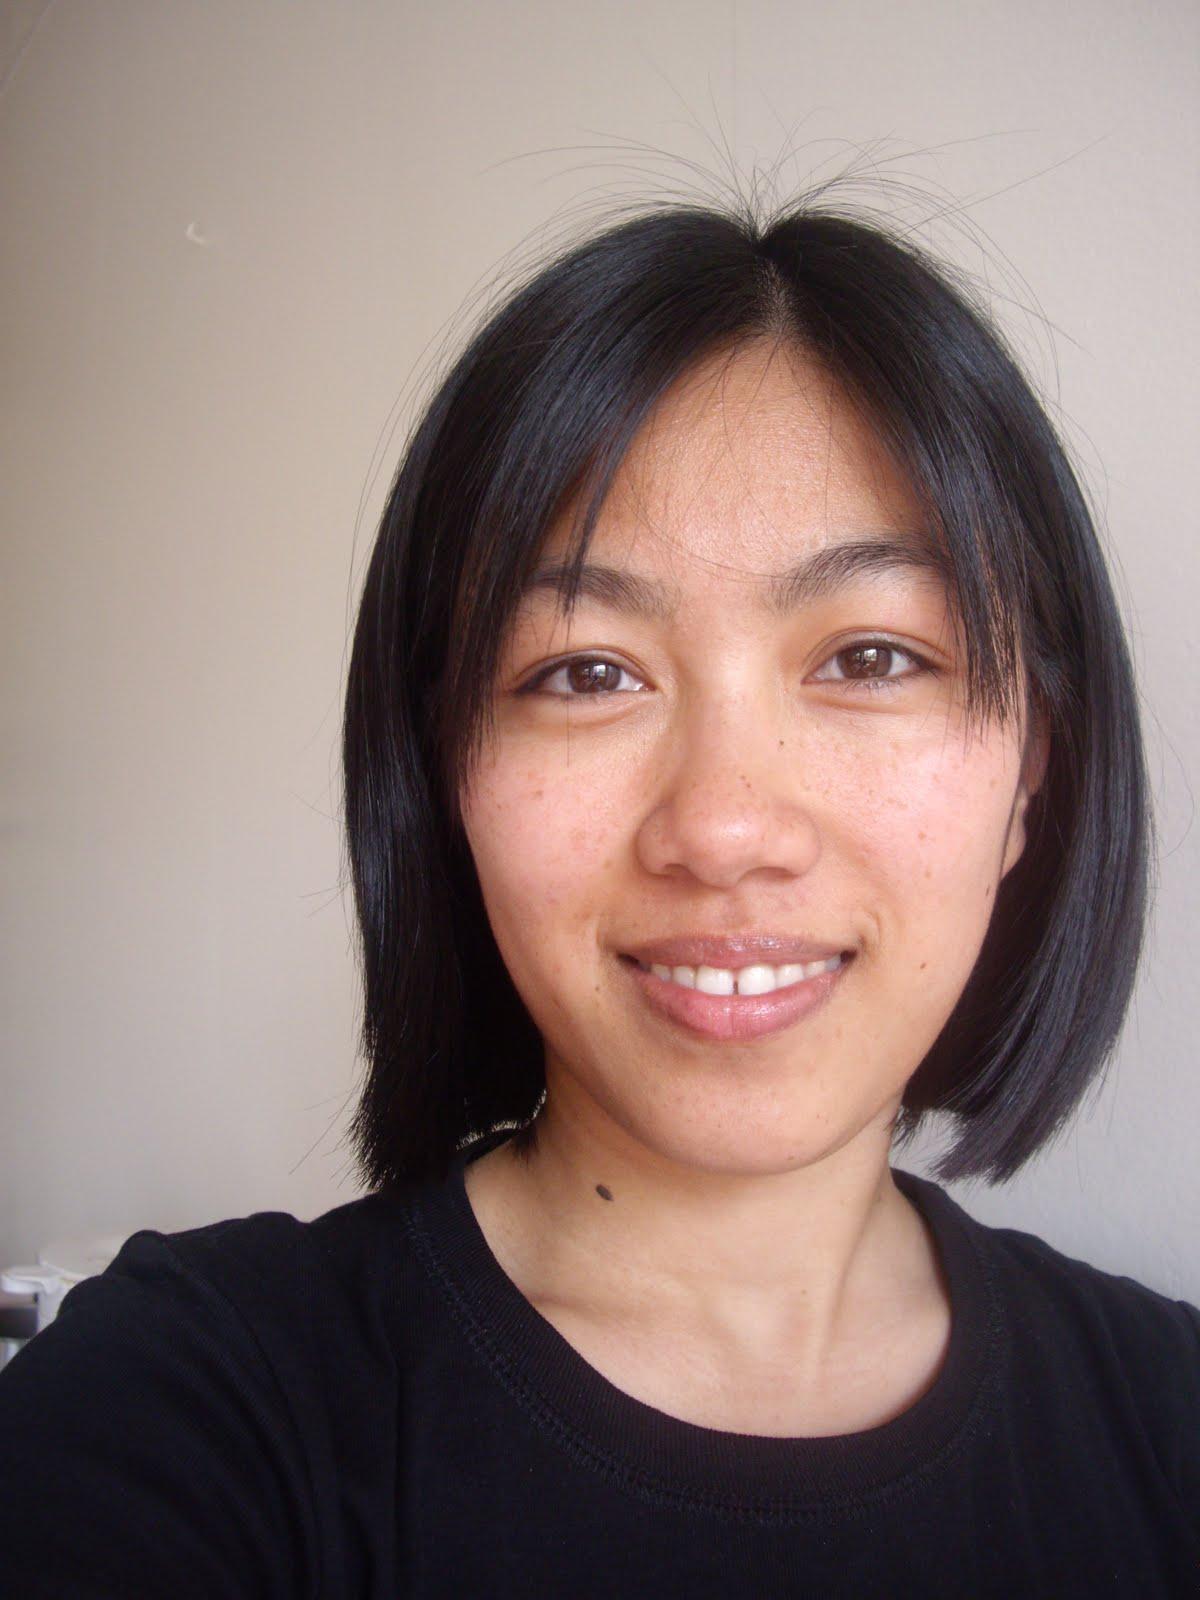 Style de photo de cheveux asiatiques